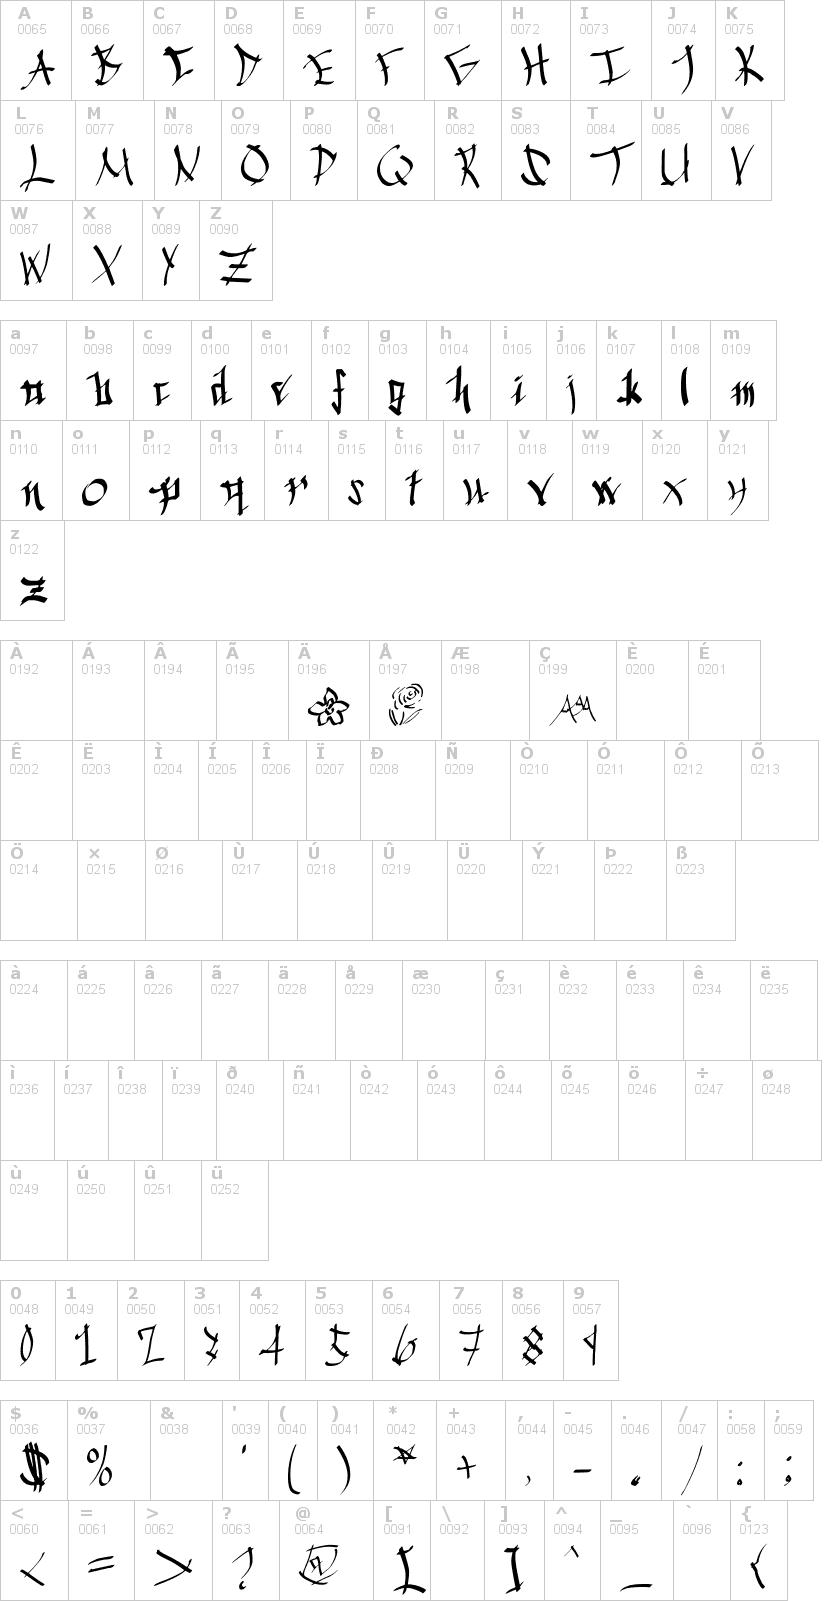 Lettere dell'alfabeto del font chinese-calligraphy con le quali è possibile realizzare adesivi prespaziati